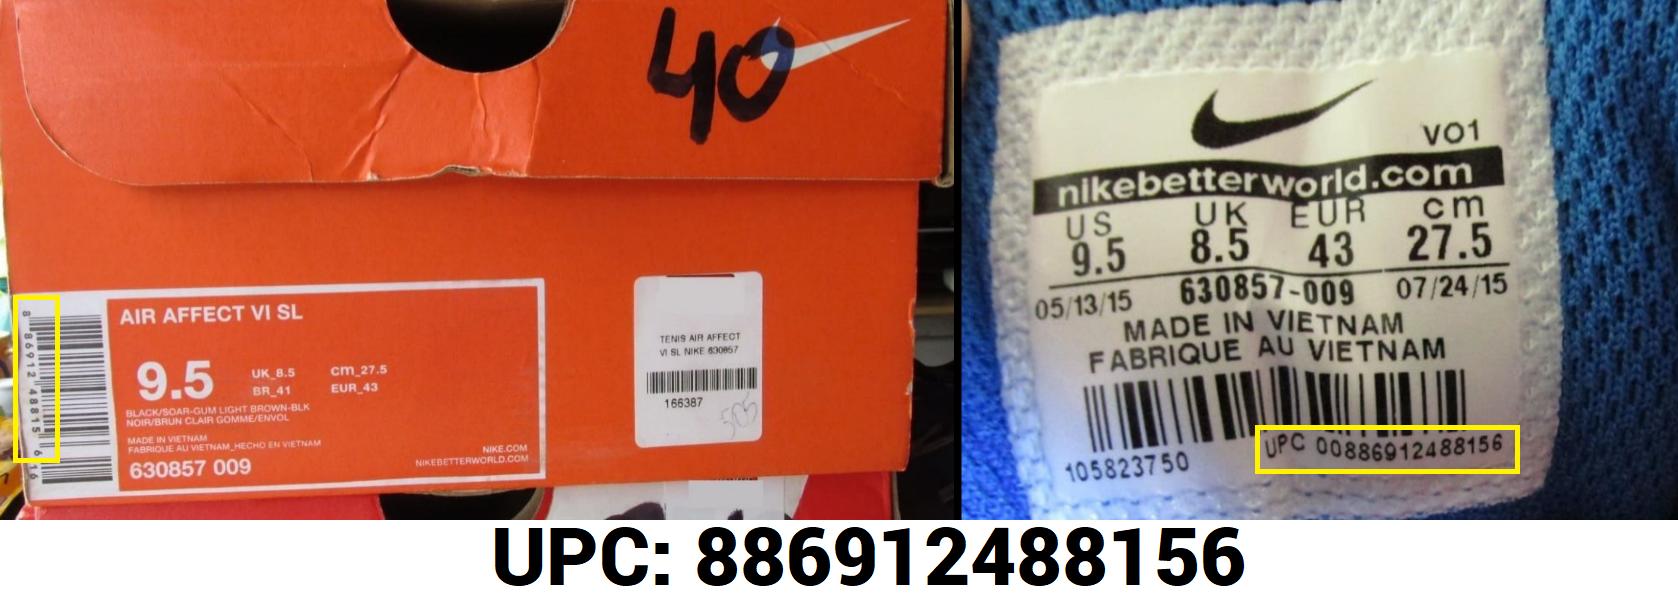 8e5552c61 A etiquetada dos tênis originais Nike, por exemplo, está na horizontal,  enquanto as falsificações normalmente apresentam a etiqueta na vertical.